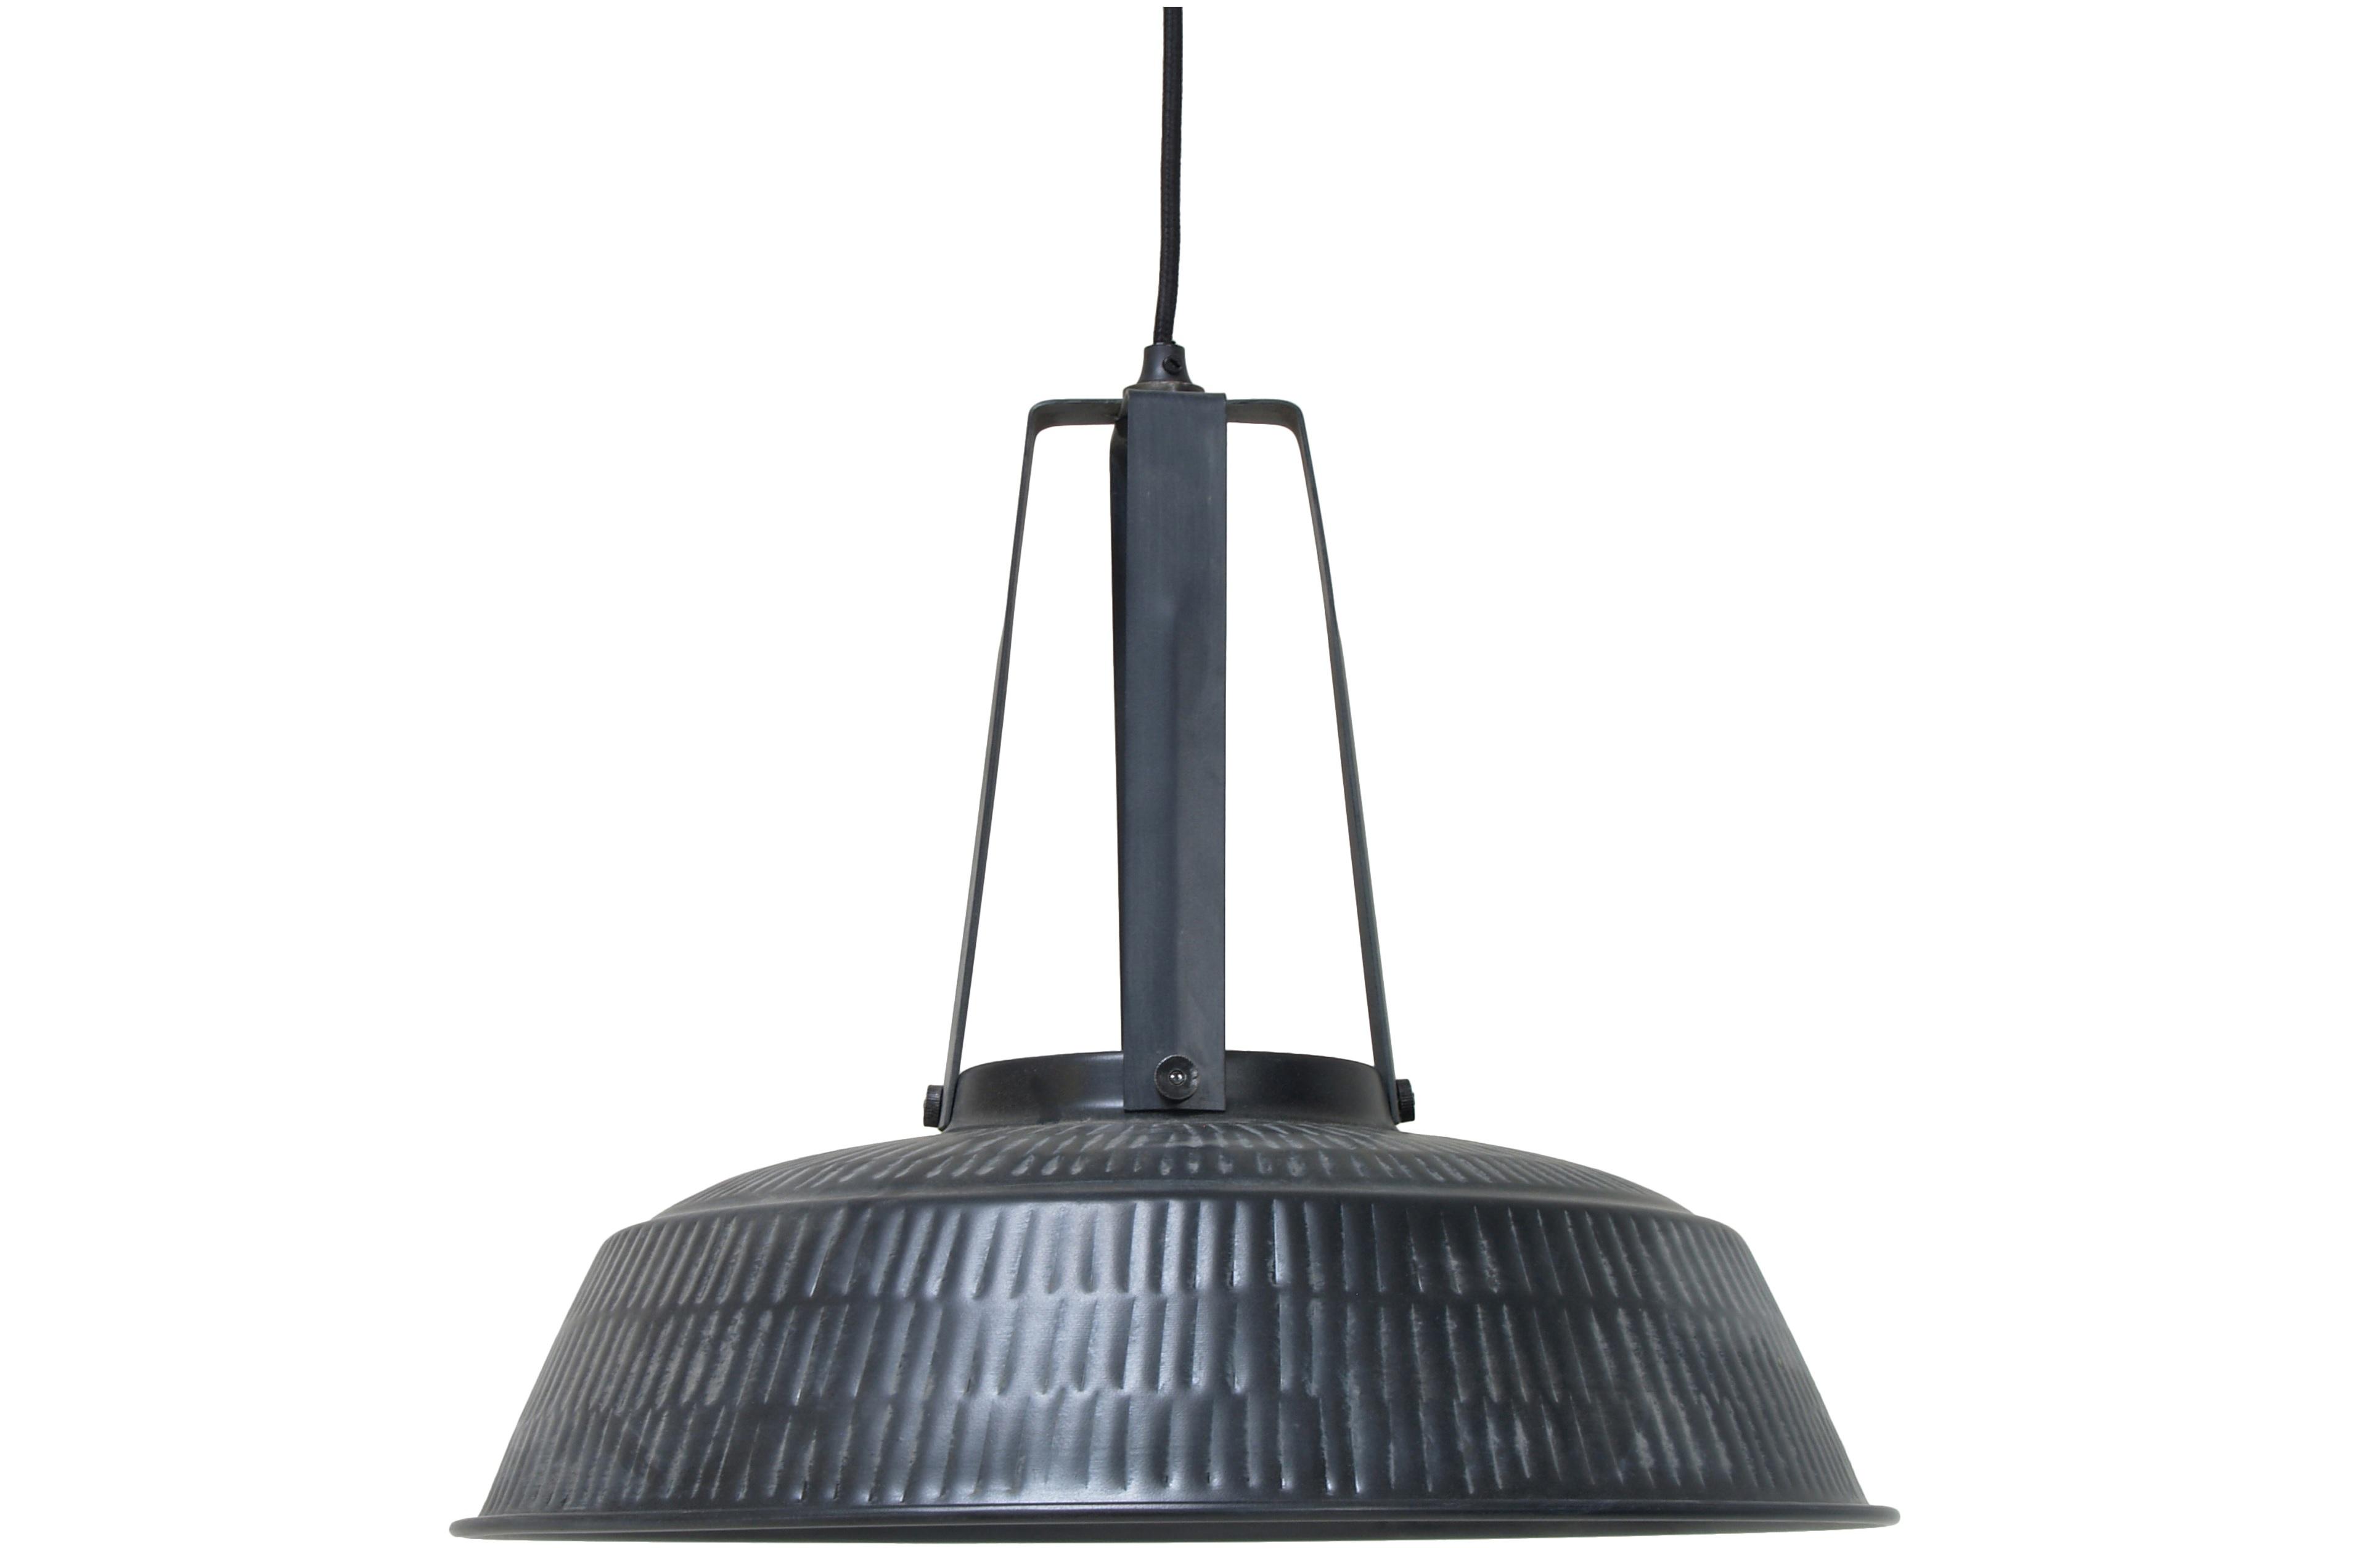 Лампа WORKSHOPПодвесные светильники<br>Подвесная лампа в индустриальном стиле. Обработка металла и покрытие &amp;quot;рустик&amp;quot;.&amp;lt;div&amp;gt;&amp;lt;br&amp;gt;&amp;lt;/div&amp;gt;&amp;lt;div&amp;gt;Длина шнура: 2 м&amp;lt;/div&amp;gt;&amp;lt;div&amp;gt;&amp;lt;div style=&amp;quot;line-height: 24.9999px;&amp;quot;&amp;gt;Вид цоколя: Е27&amp;lt;/div&amp;gt;&amp;lt;div style=&amp;quot;line-height: 24.9999px;&amp;quot;&amp;gt;Мощность: 60W&amp;lt;/div&amp;gt;&amp;lt;div style=&amp;quot;line-height: 24.9999px;&amp;quot;&amp;gt;Количество ламп: 1&amp;lt;/div&amp;gt;&amp;lt;/div&amp;gt;<br><br>Material: Металл<br>Height см: 40<br>Diameter см: 45